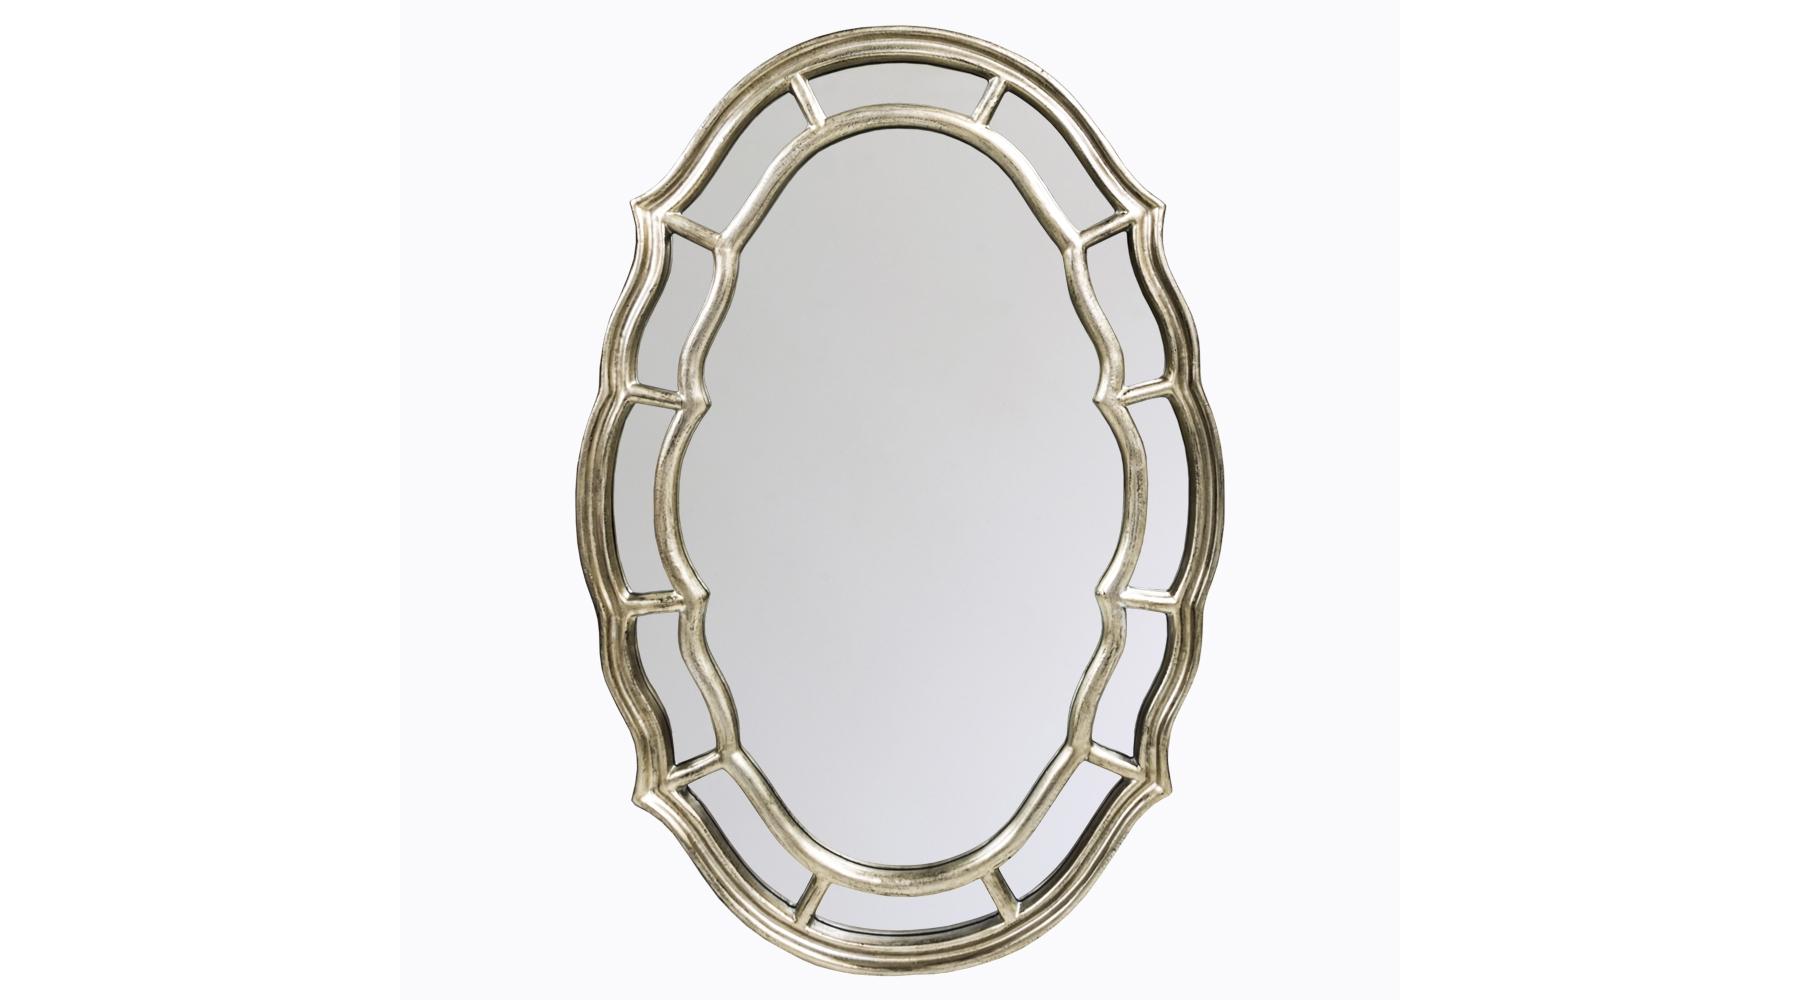 Настенное зеркало «Марлен»Настенные зеркала<br>Рама для этого зеркала напоминает паутину – теплого жемчужного оттенка, с характерной «плывущей» геометрией и невесомая. Полиуретан, из которого изготовлено обрамление, не боится влаги, прочен и практичен, поэтому зеркало можно повесить и в жилой комнате, и в ванной. Зеркальная поверхность имеет толщину 5 мм и покрыта серебряной амальгамой, которая не искажает отражения. Вес изделия составляет 6,8 кг.<br><br>Material: Полиуретан<br>Width см: 70<br>Depth см: 4<br>Height см: 103